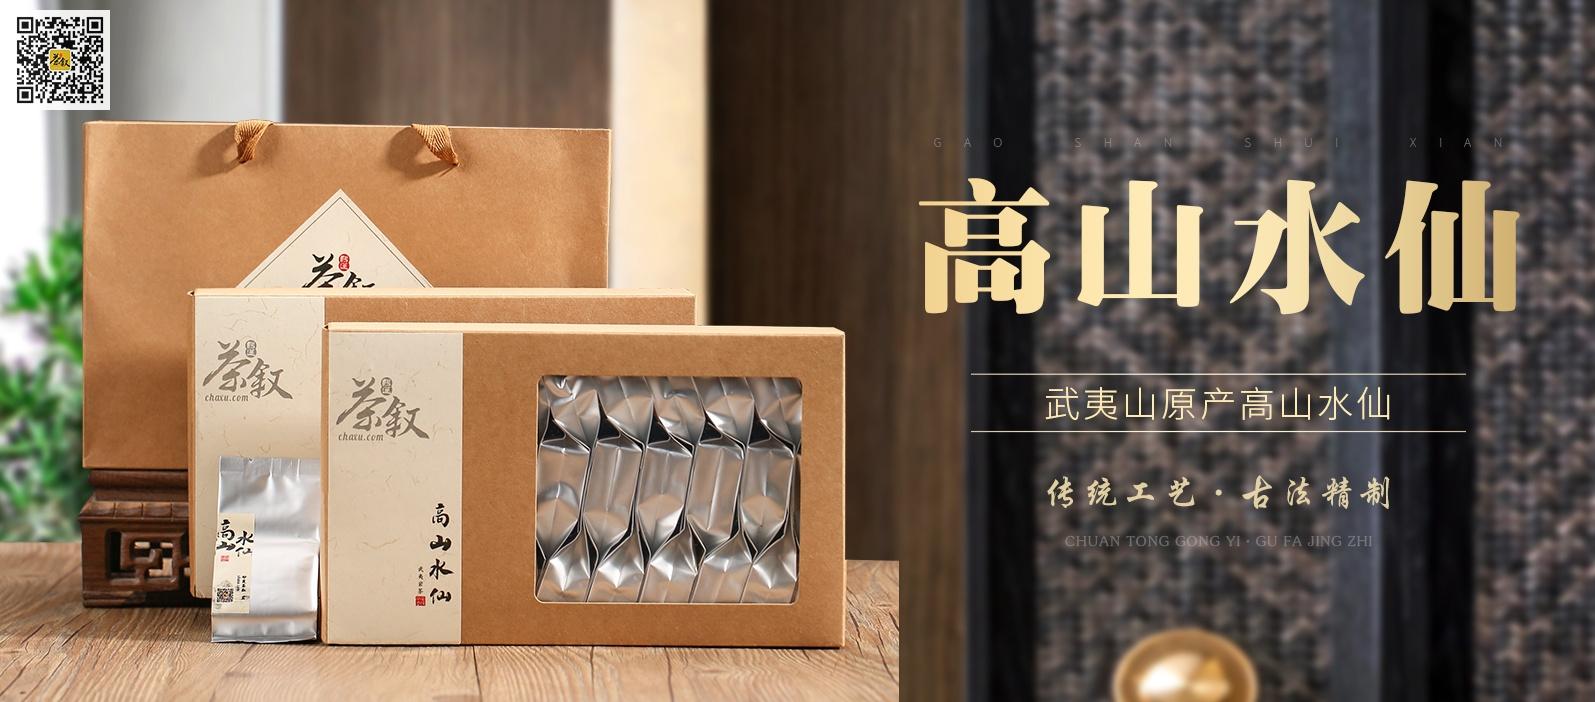 高山水仙广告banner